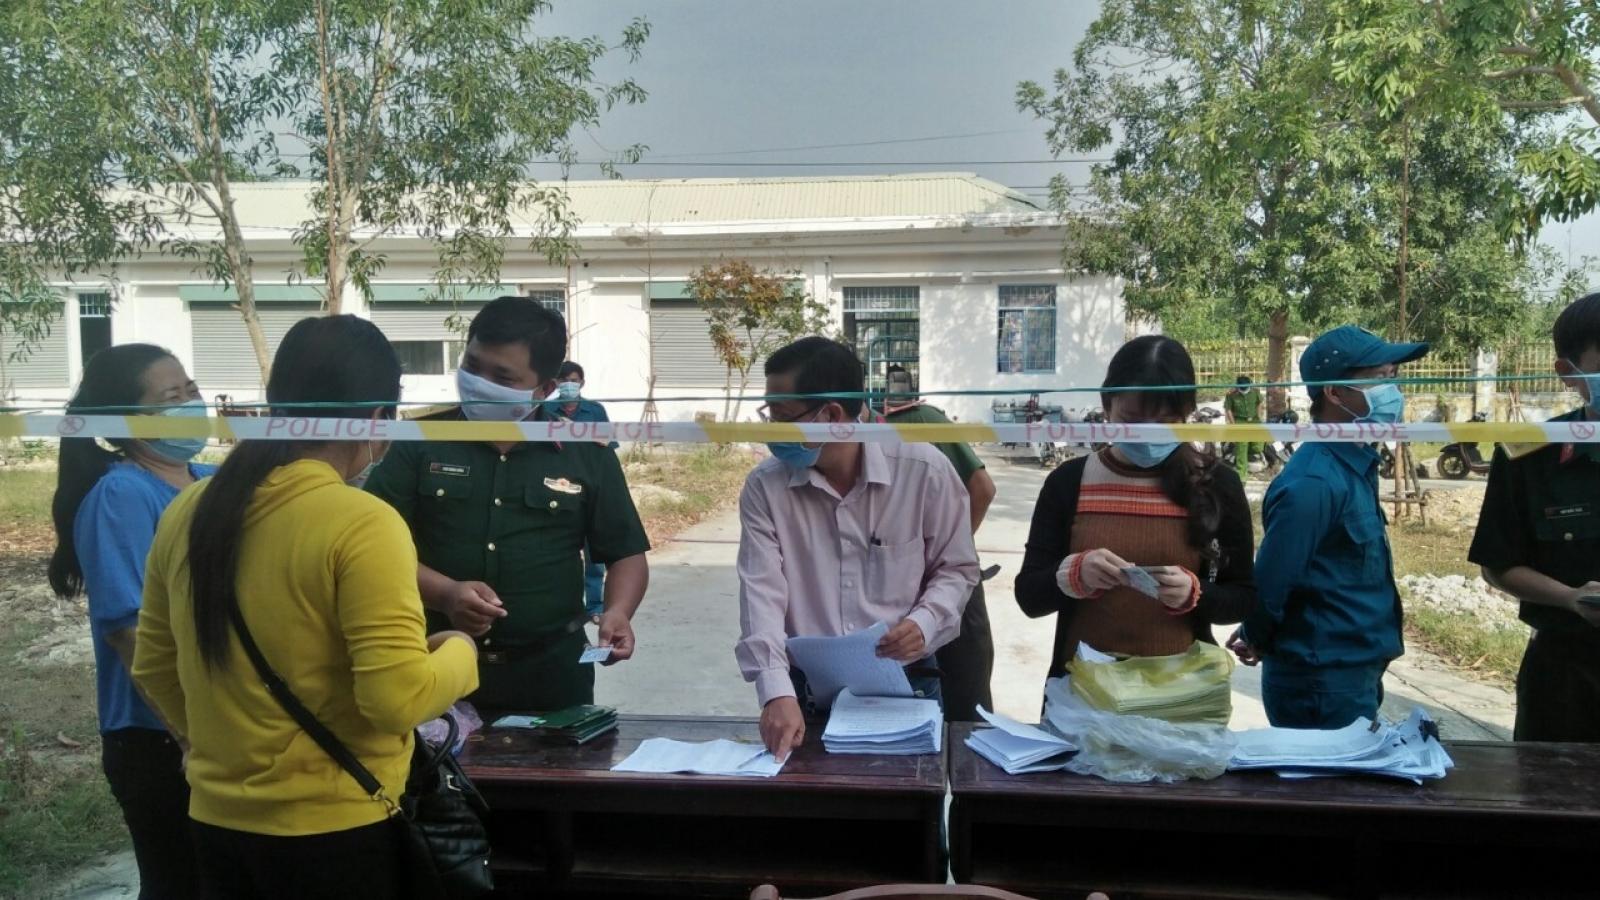 13 trường hợp đang cách ly ở Kiên Giang có kết quả xét nghiệm SARS-CoV-2 chưa rõ ràng